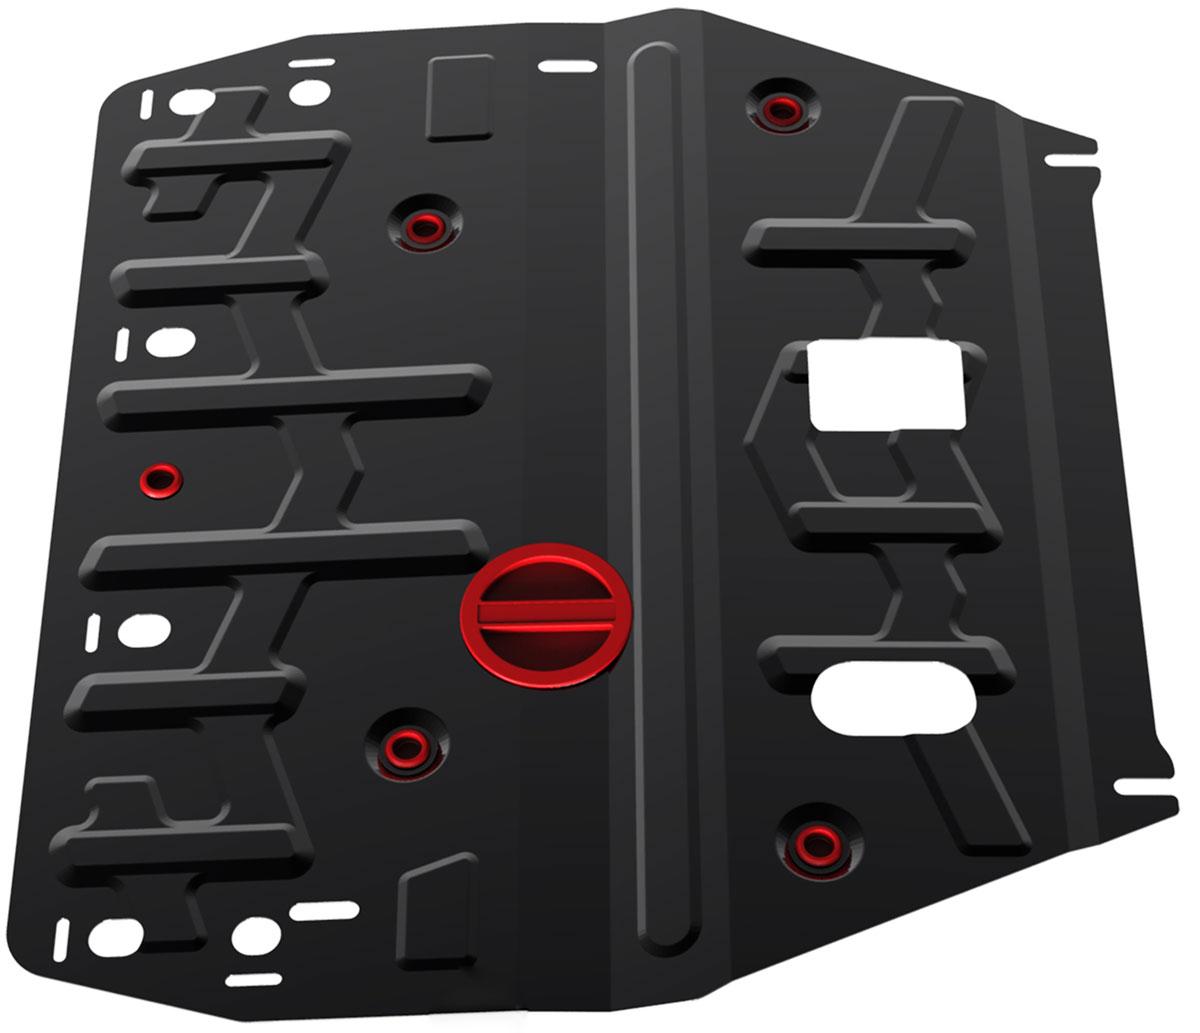 Защита картера и КПП Автоброня, для Hyundai i40. 111.02342.1111.02342.1Технологически совершенный продукт за невысокую стоимость. Защита разработана с учетом особенностей днища автомобиля, что позволяет сохранить дорожный просвет с минимальным изменением. Защита устанавливается в штатные места кузова автомобиля. Глубокий штамп обеспечивает до двух раз больше жесткости в сравнении с обычной защитой той же толщины. Проштампованные ребра жесткости препятствуют деформации защиты при ударах. Тепловой зазор и вентиляционные отверстия обеспечивают сохранение температурного режима двигателя в норме. Скрытый крепеж предотвращает срыв крепежных элементов при наезде на препятствие. Шумопоглощающие резиновые элементы обеспечивают комфортную езду без вибраций и скрежета металла, а съемные лючки для слива масла и замены фильтра - экономию средств и время. Конструкция изделия не влияет на пассивную безопасность автомобиля (при ударе защита не воздействует на деформационные зоны кузова). Со штатным крепежом. В комплекте инструкция по...